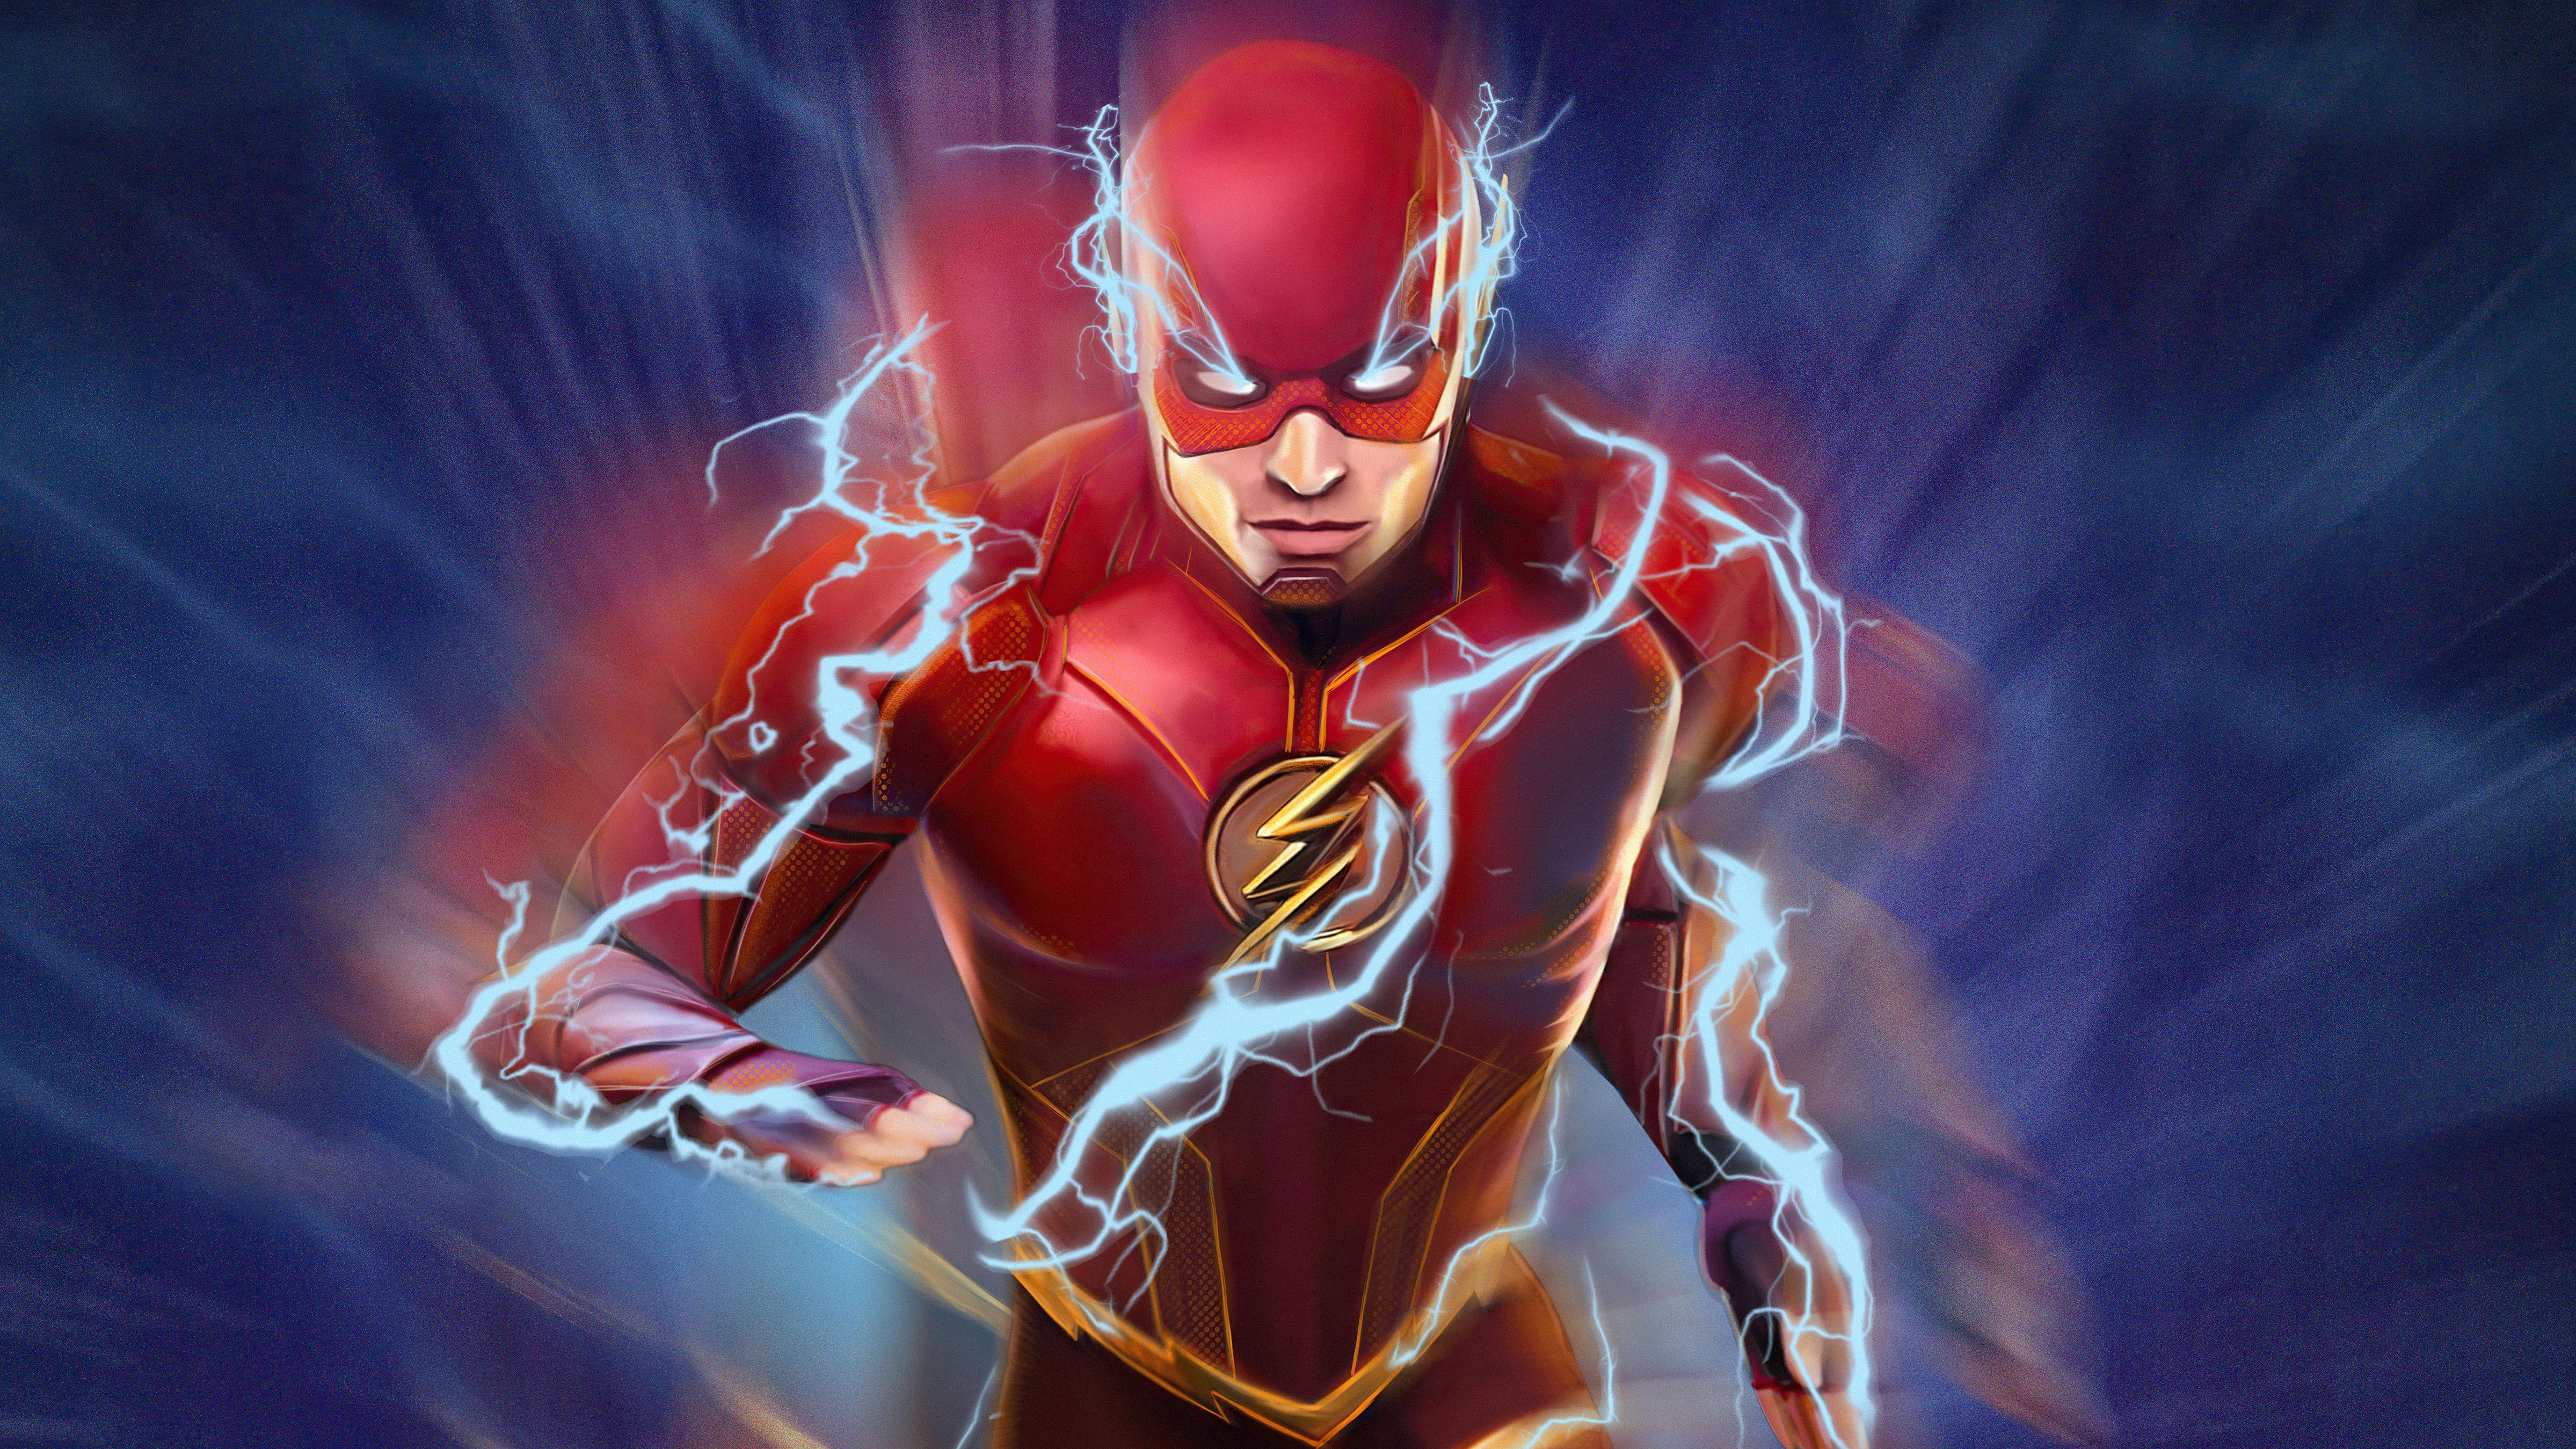 Fondos de pantalla The Flash con rayo azul